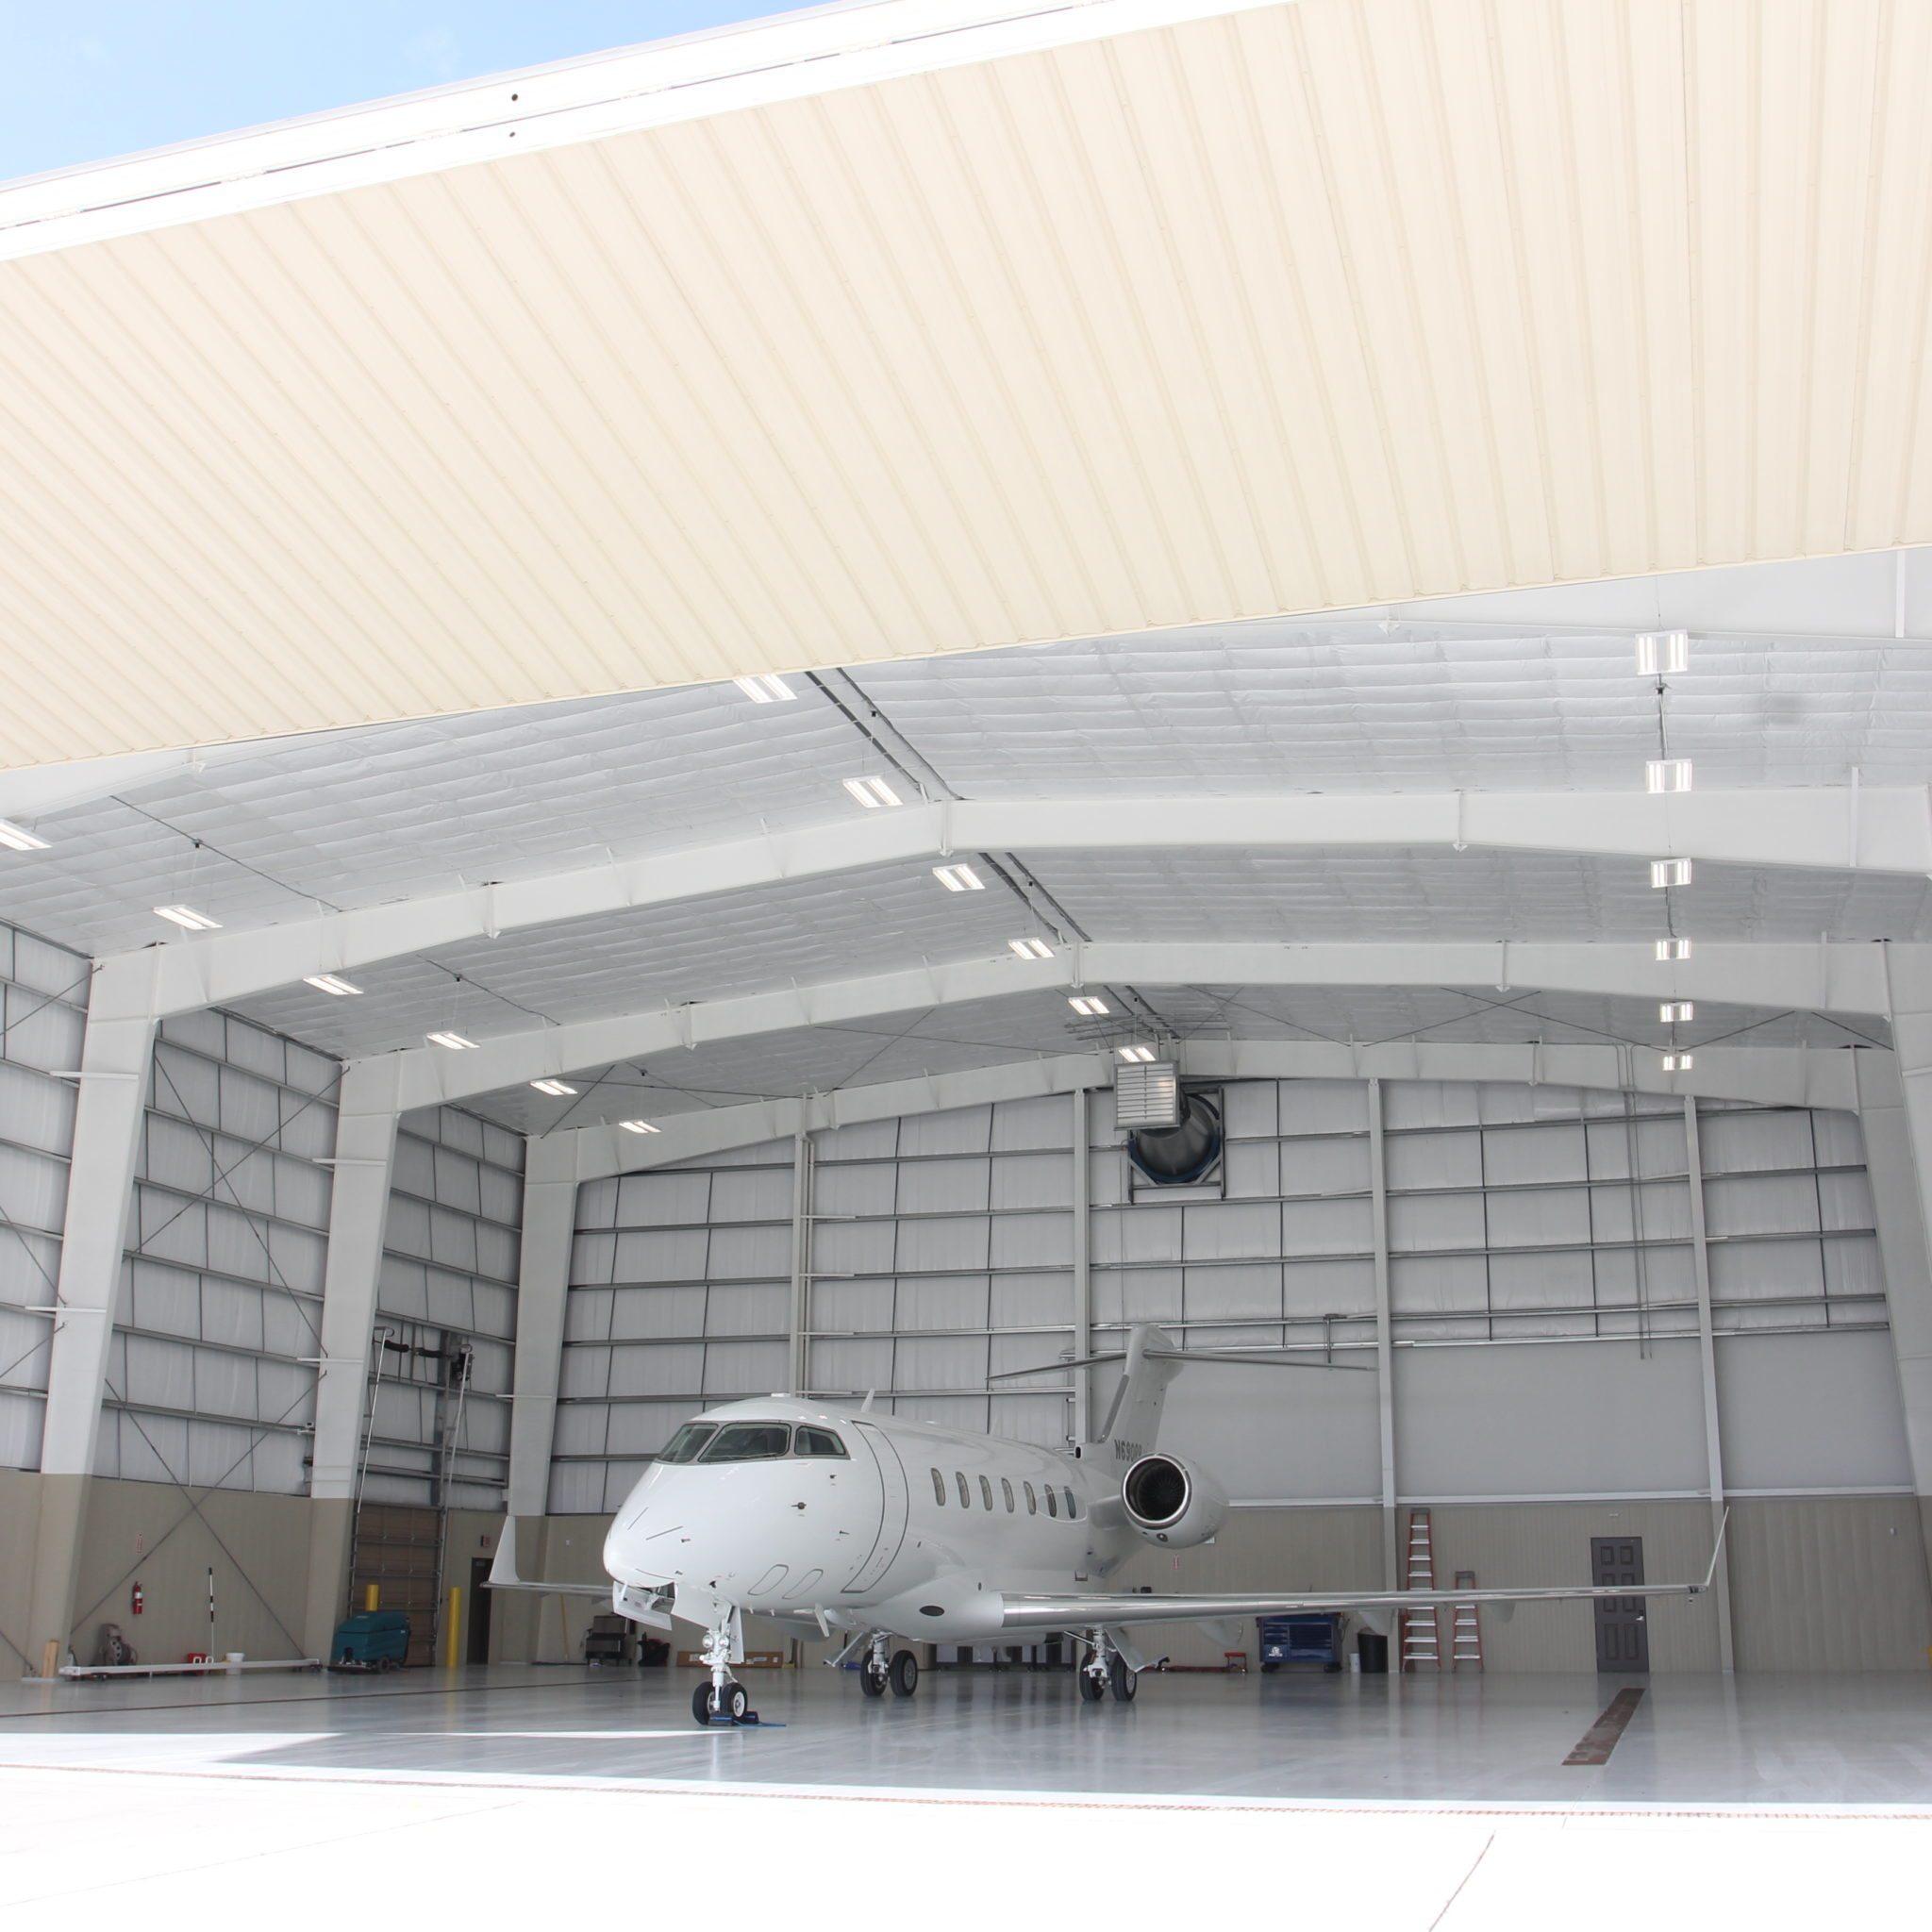 HANGAR AT LAFAYETTE REGIONAL AIRPORT